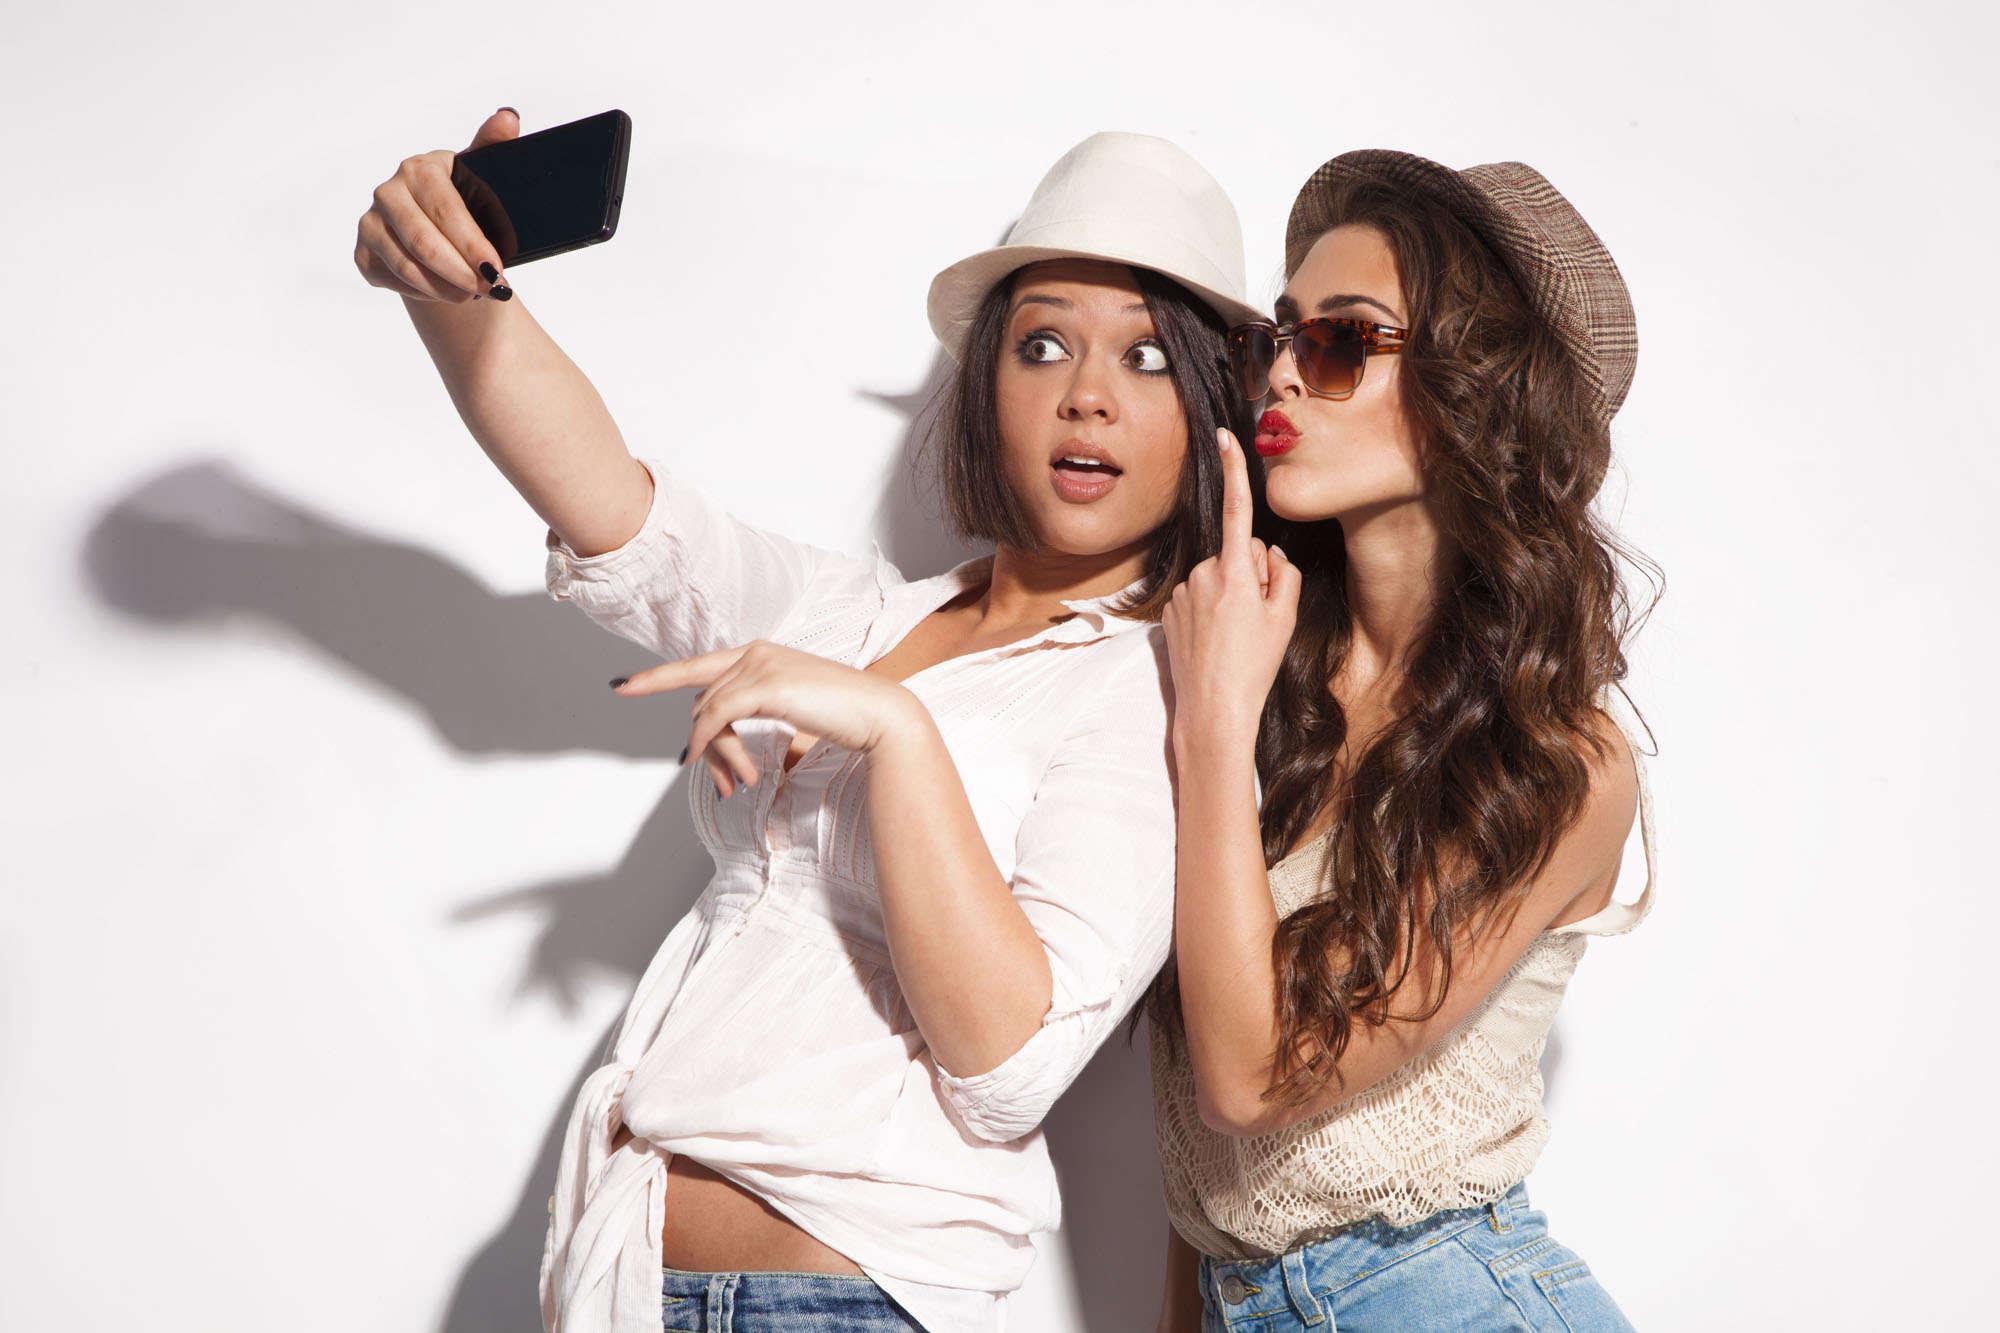 cach-chup-anh-selfie-dep-17-1.jpg